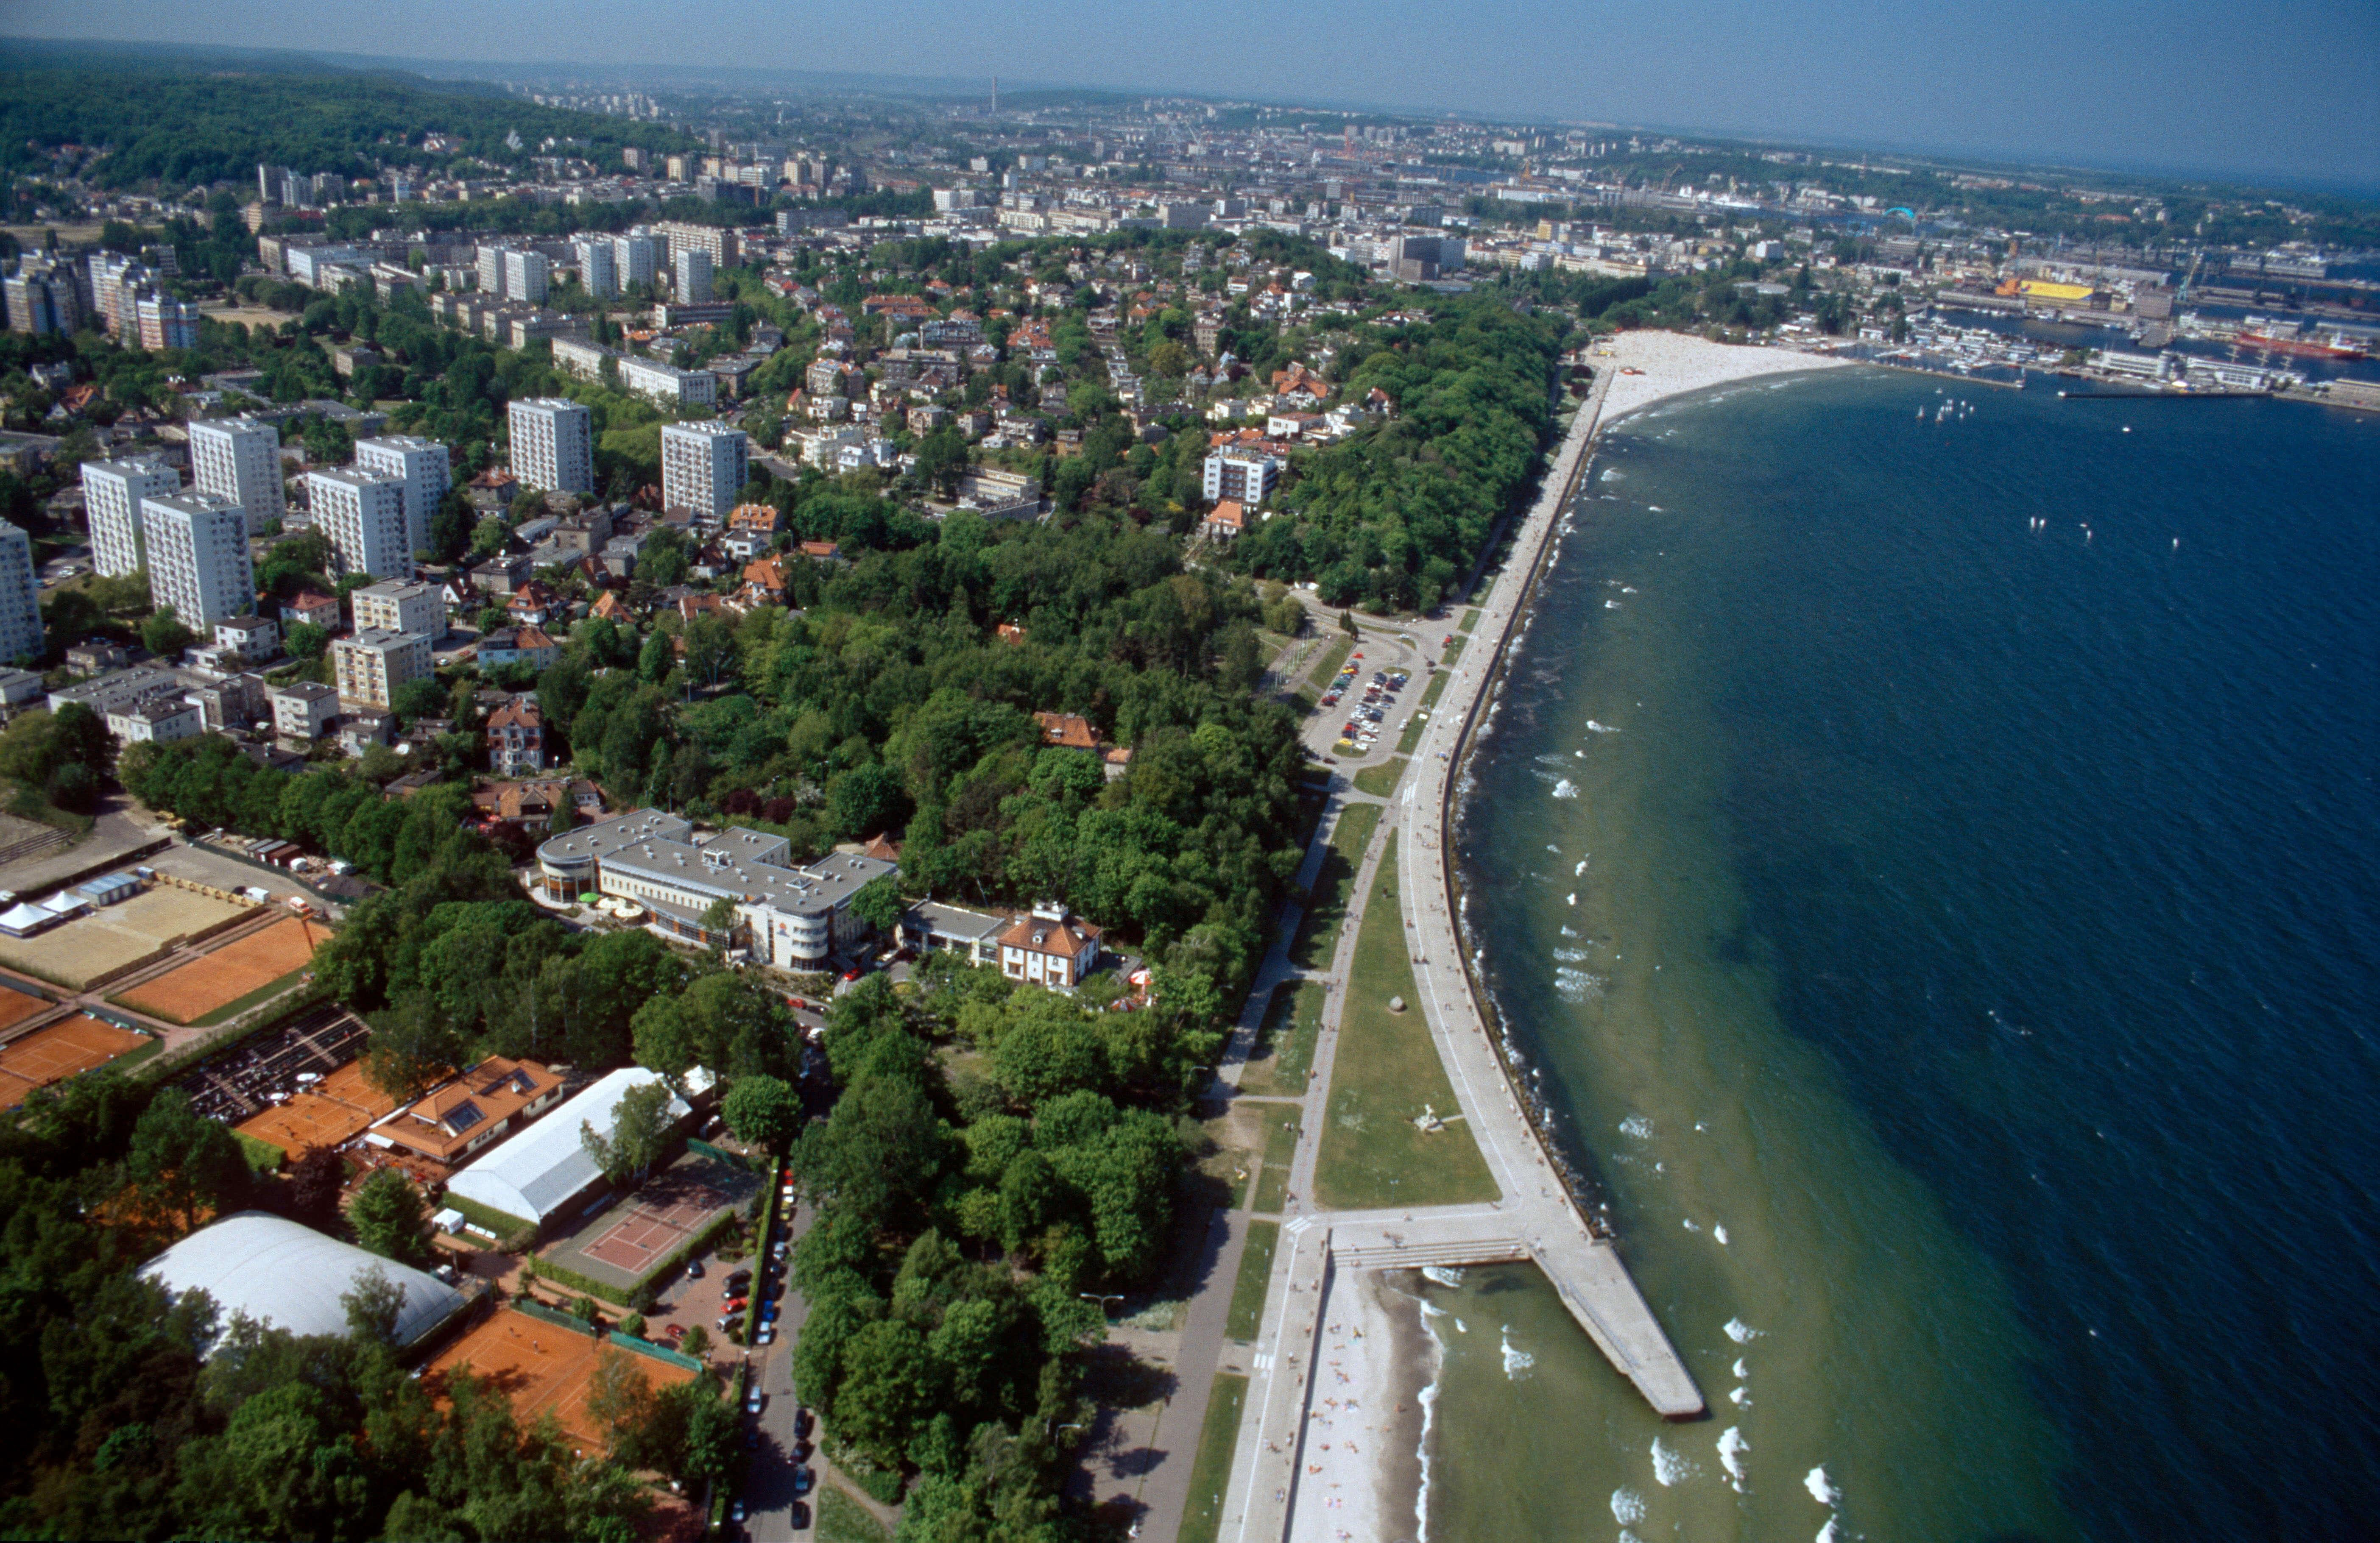 Gdynia rynek rosyjski - Gdynia: miasto sklepów i portowej kuchni